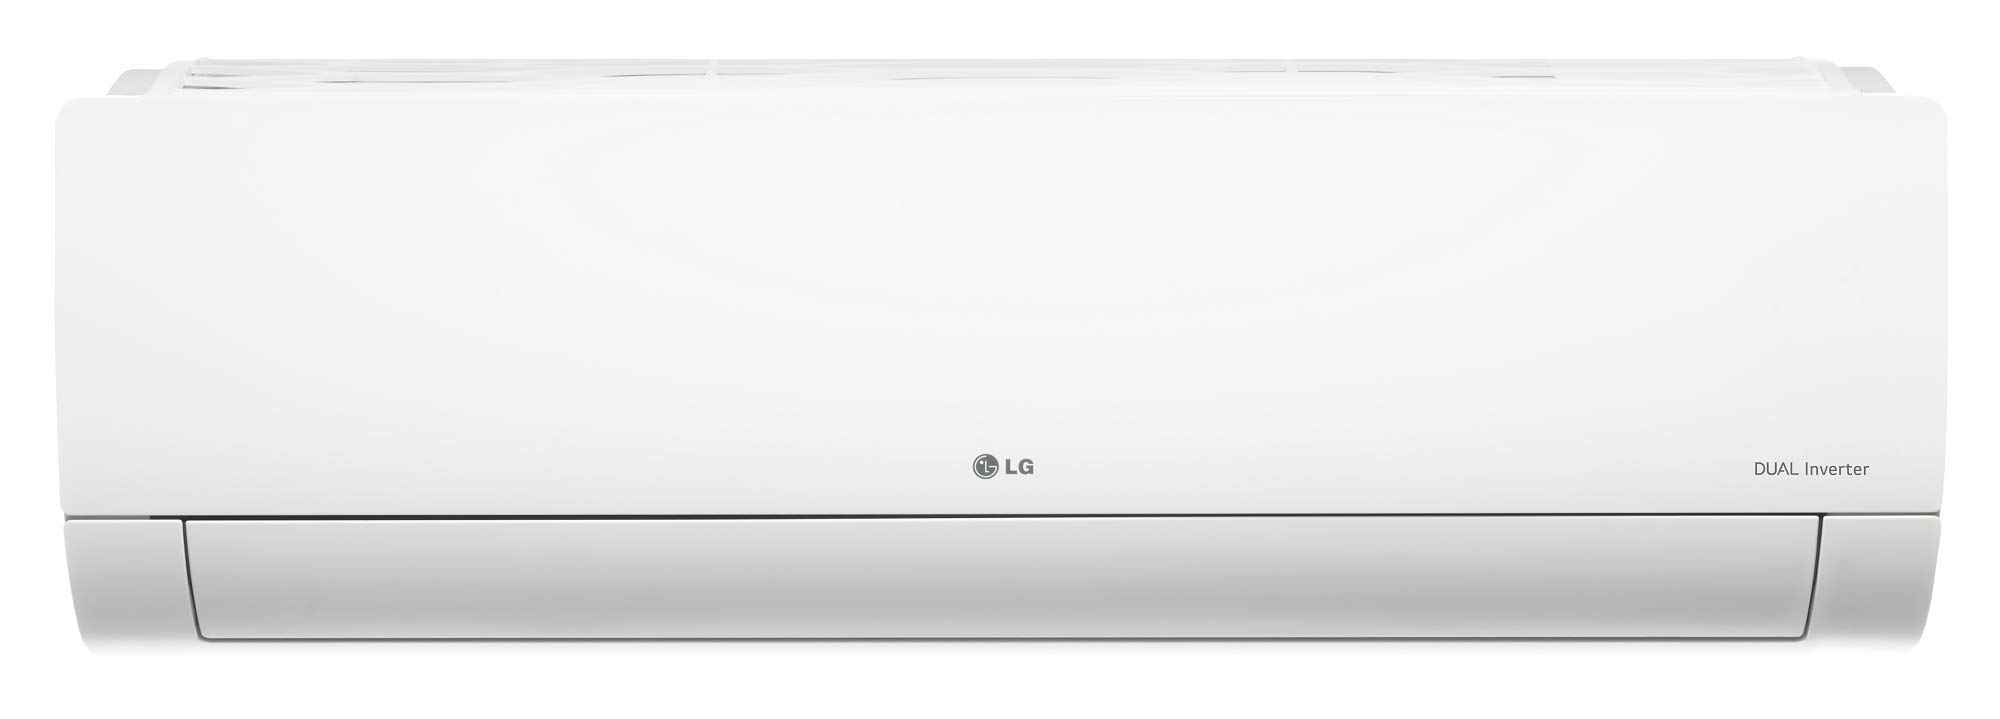 LG Split AC | Best AC of India